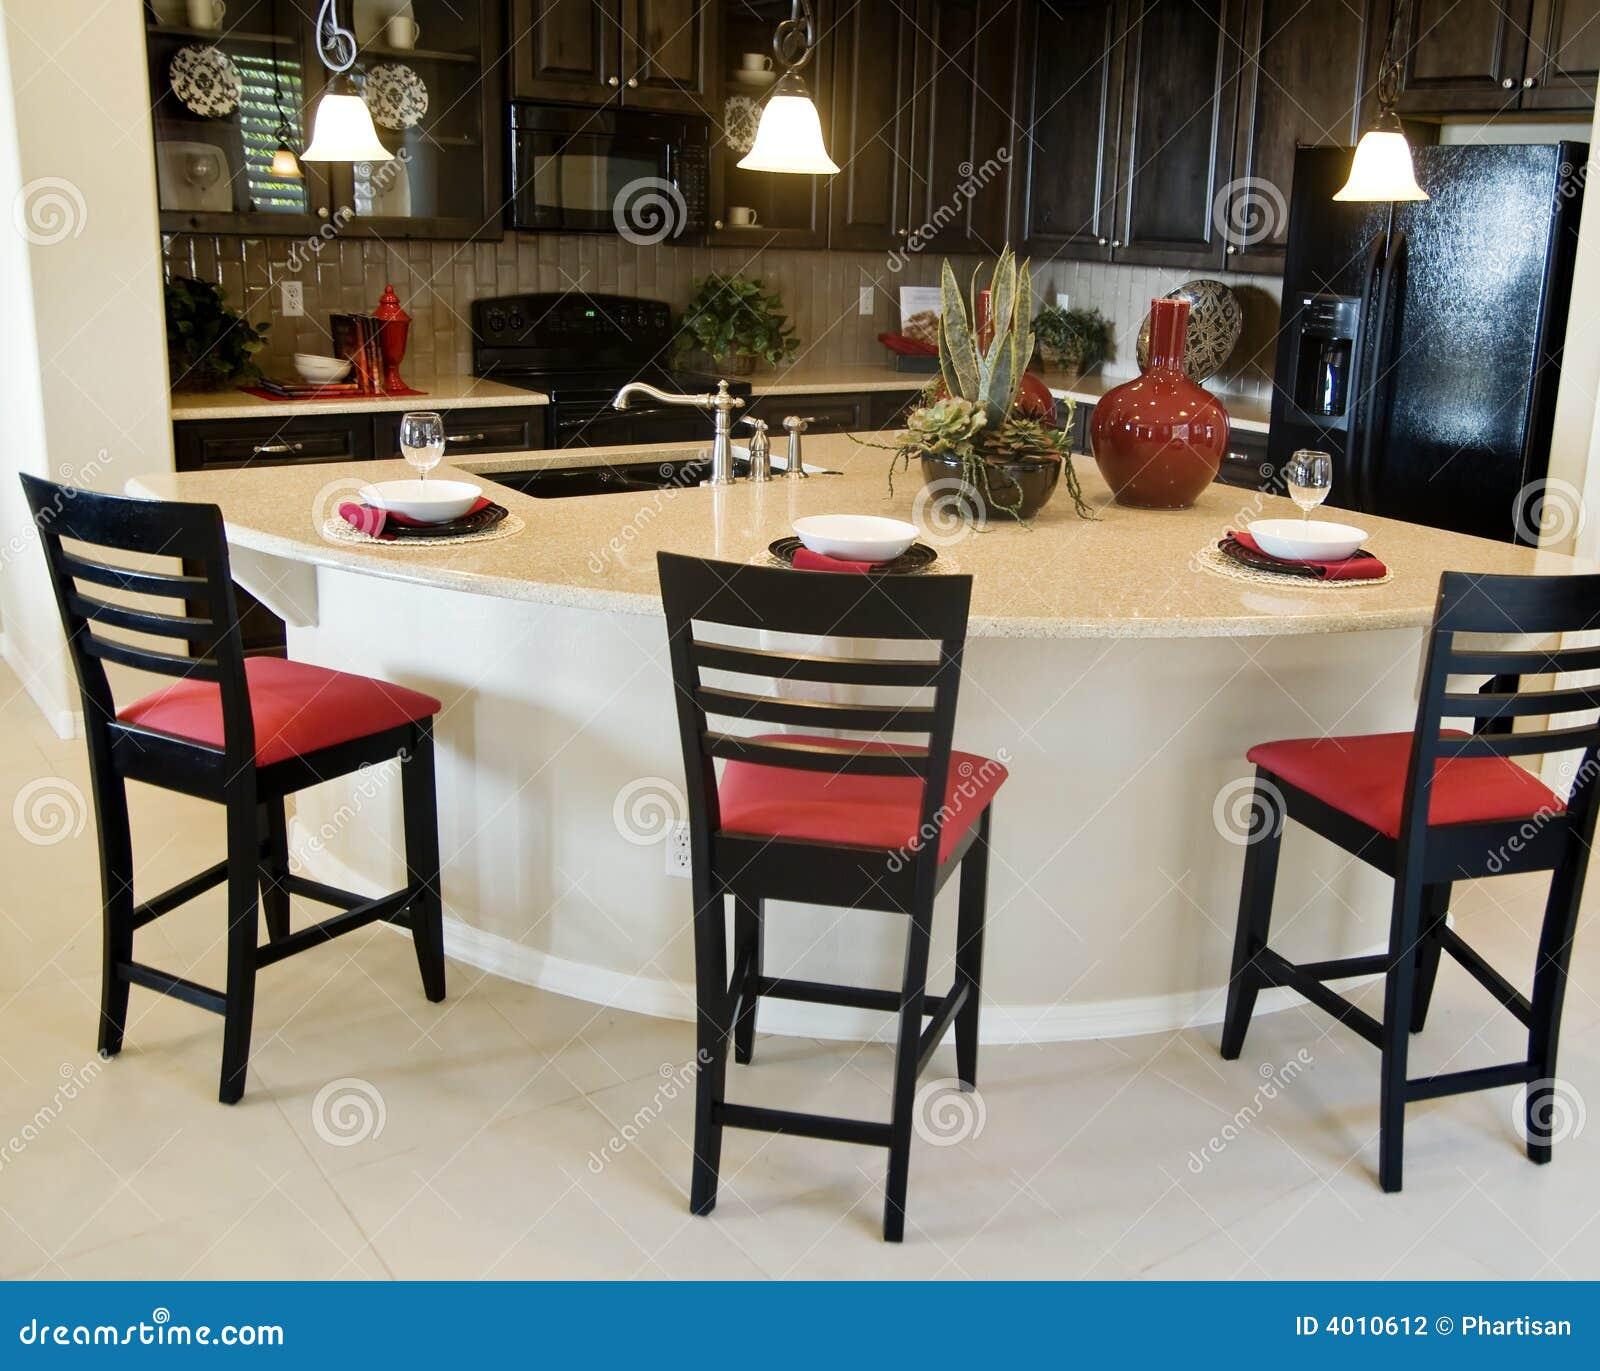 Dise o interior de la cocina moderna fotograf a de archivo - Interiores cocinas modernas ...